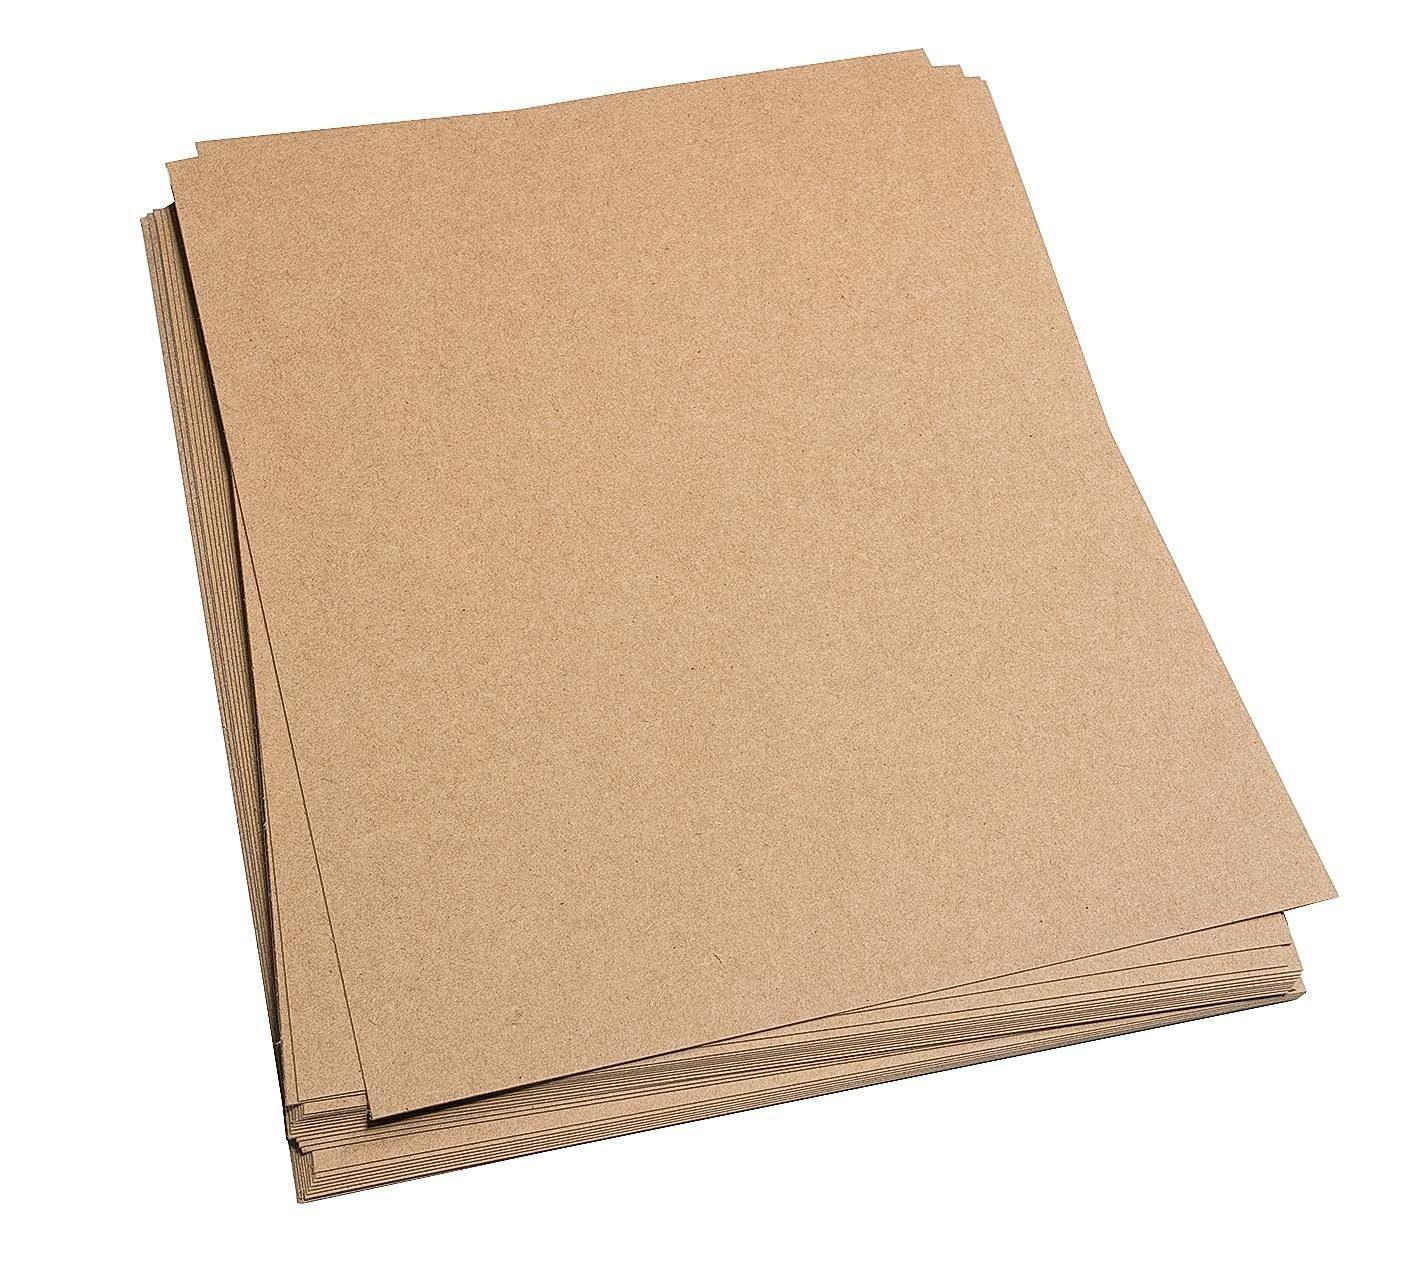 Kraftpapier DIN A4, 25 Blatt